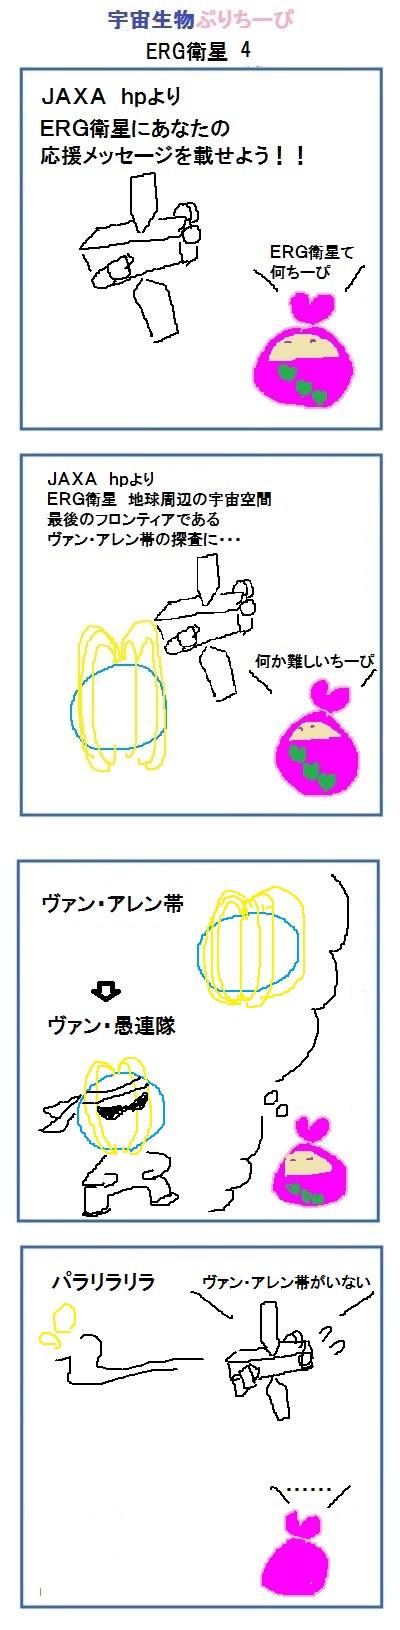 160427_erg4.jpg